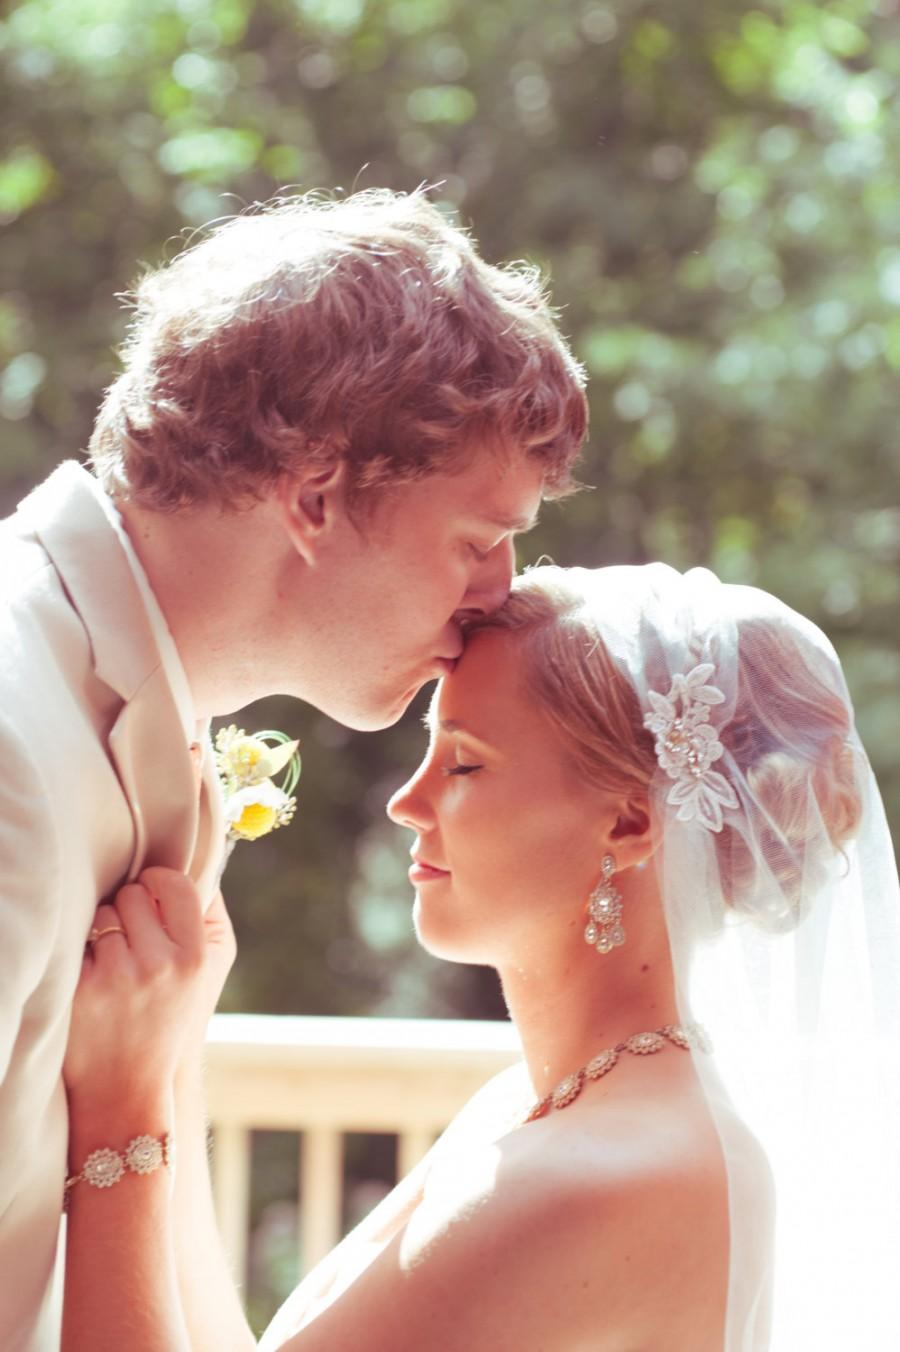 Hochzeit - White Cap Veil, Ivory Lace Cap Veil, Lace Flower Cap Veil, Vintage Veil, 1920 wedding veil, Tulle Veil, Juliet Veil, The Jessica Design